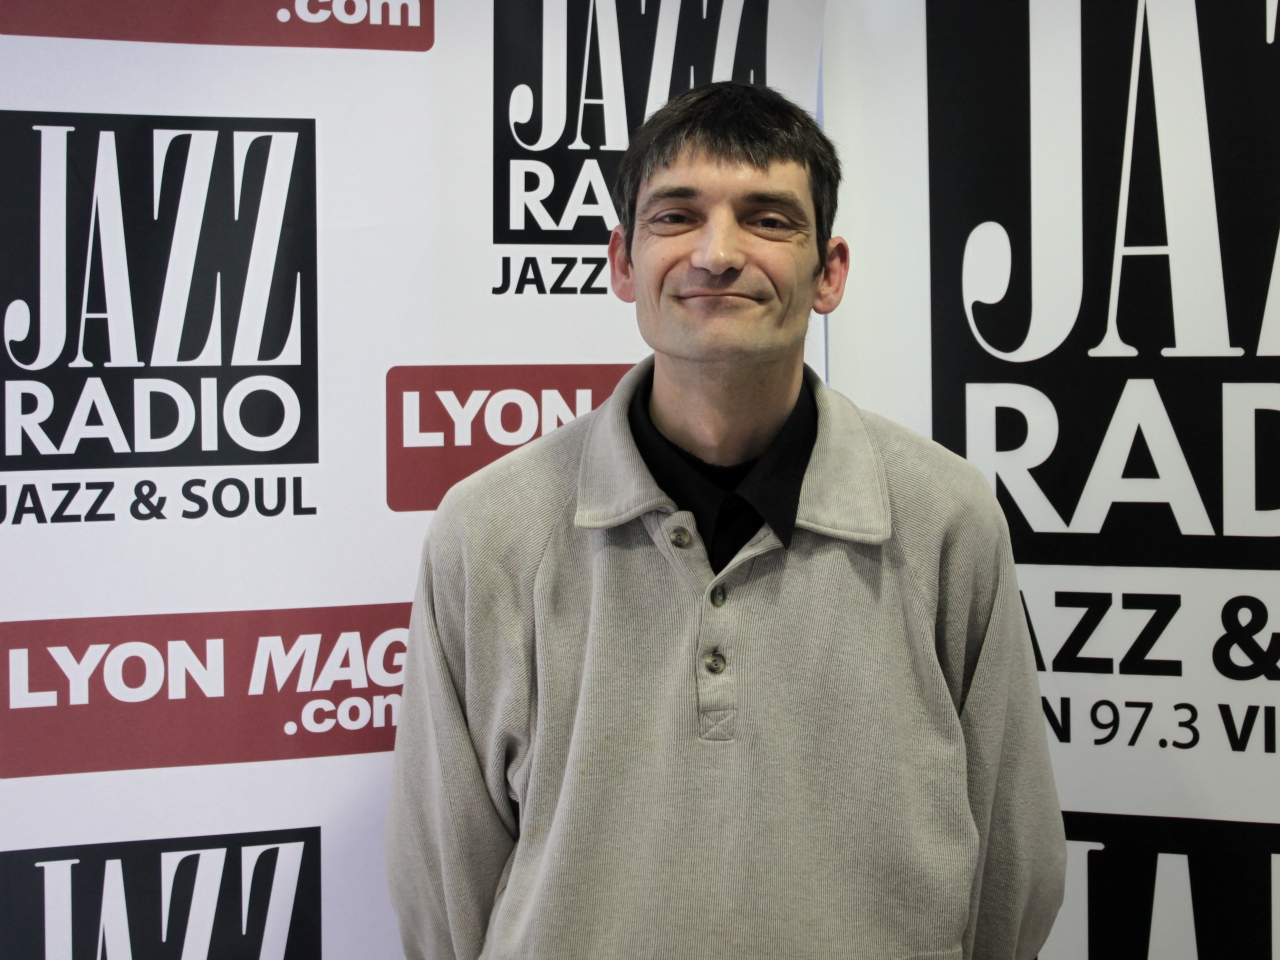 Ca Jazz à Lyon